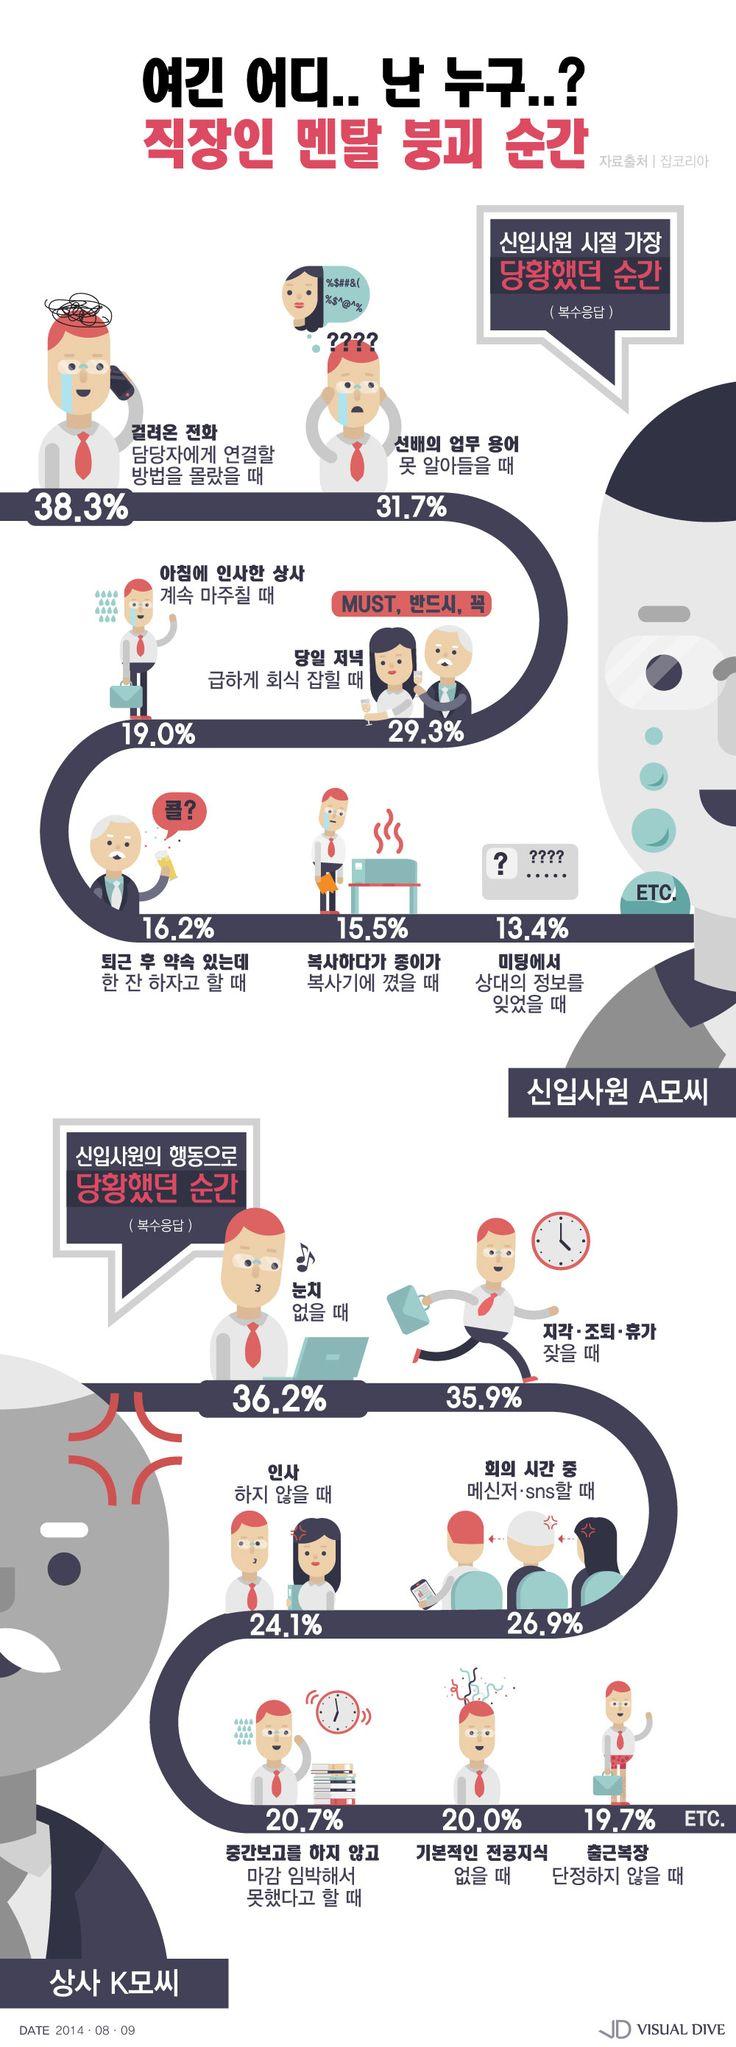 '여긴 어디? 난 누구?' 직장인 멘탈 붕괴 순간 [인포그래픽] #Employee / #Infographic ⓒ 비주얼다이브 무단 복사·전재·재배포 금지